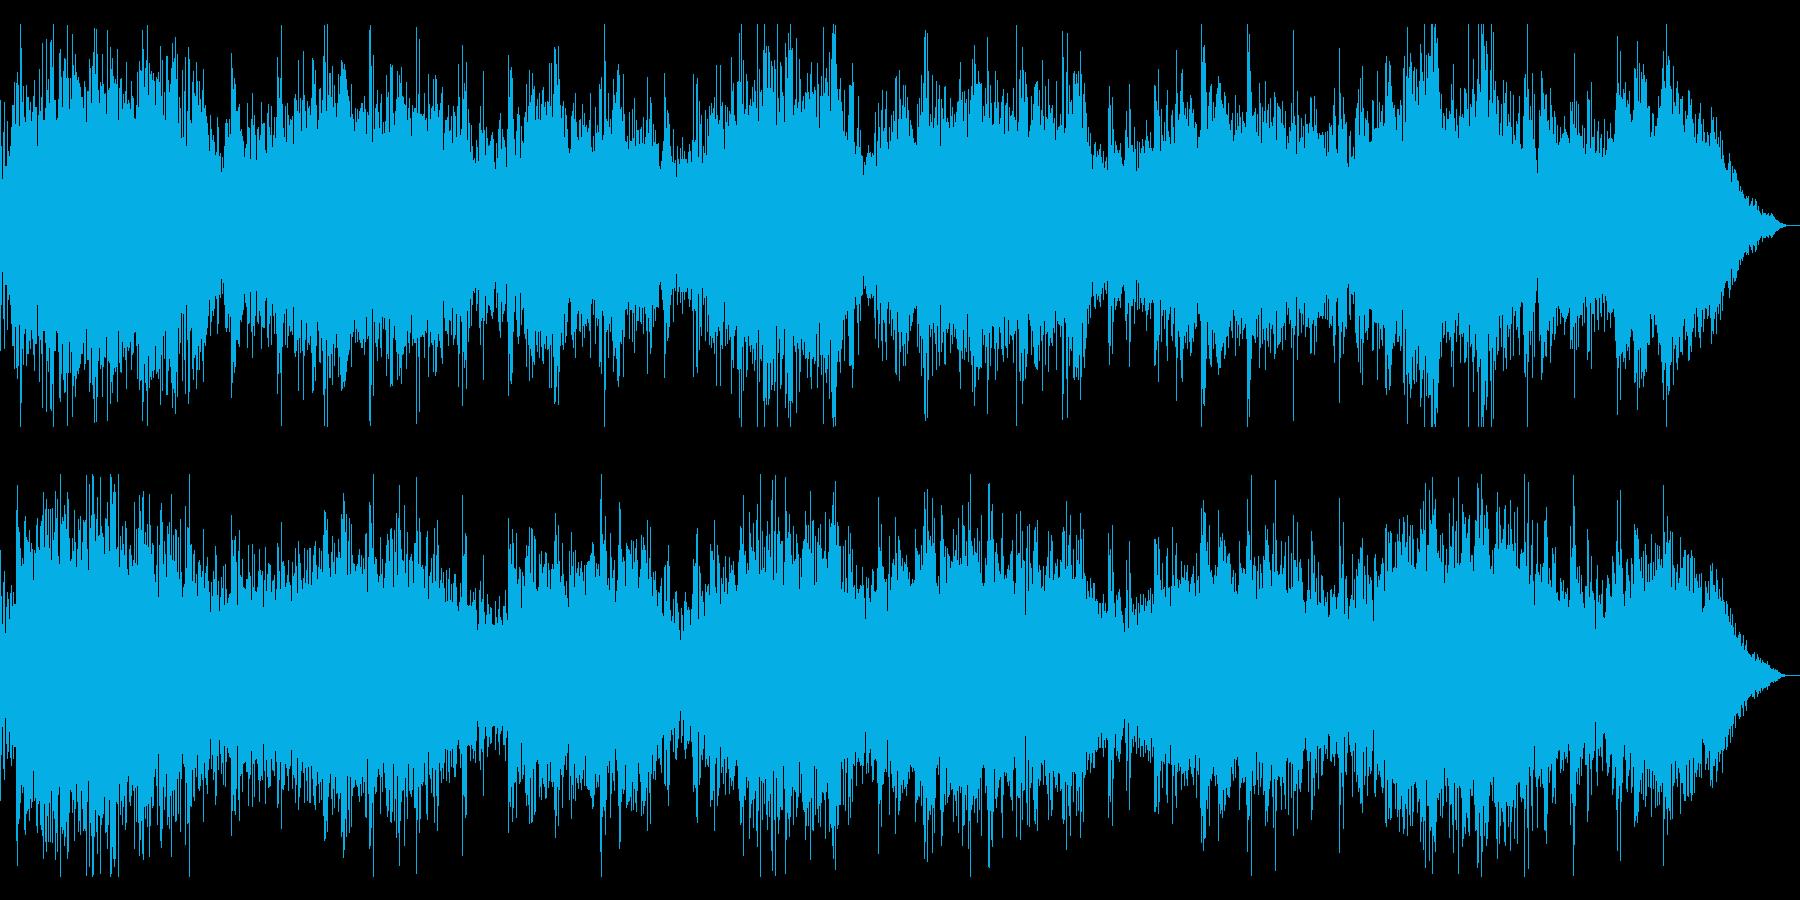 鼓動音を取り入れたダークアンビエントの再生済みの波形